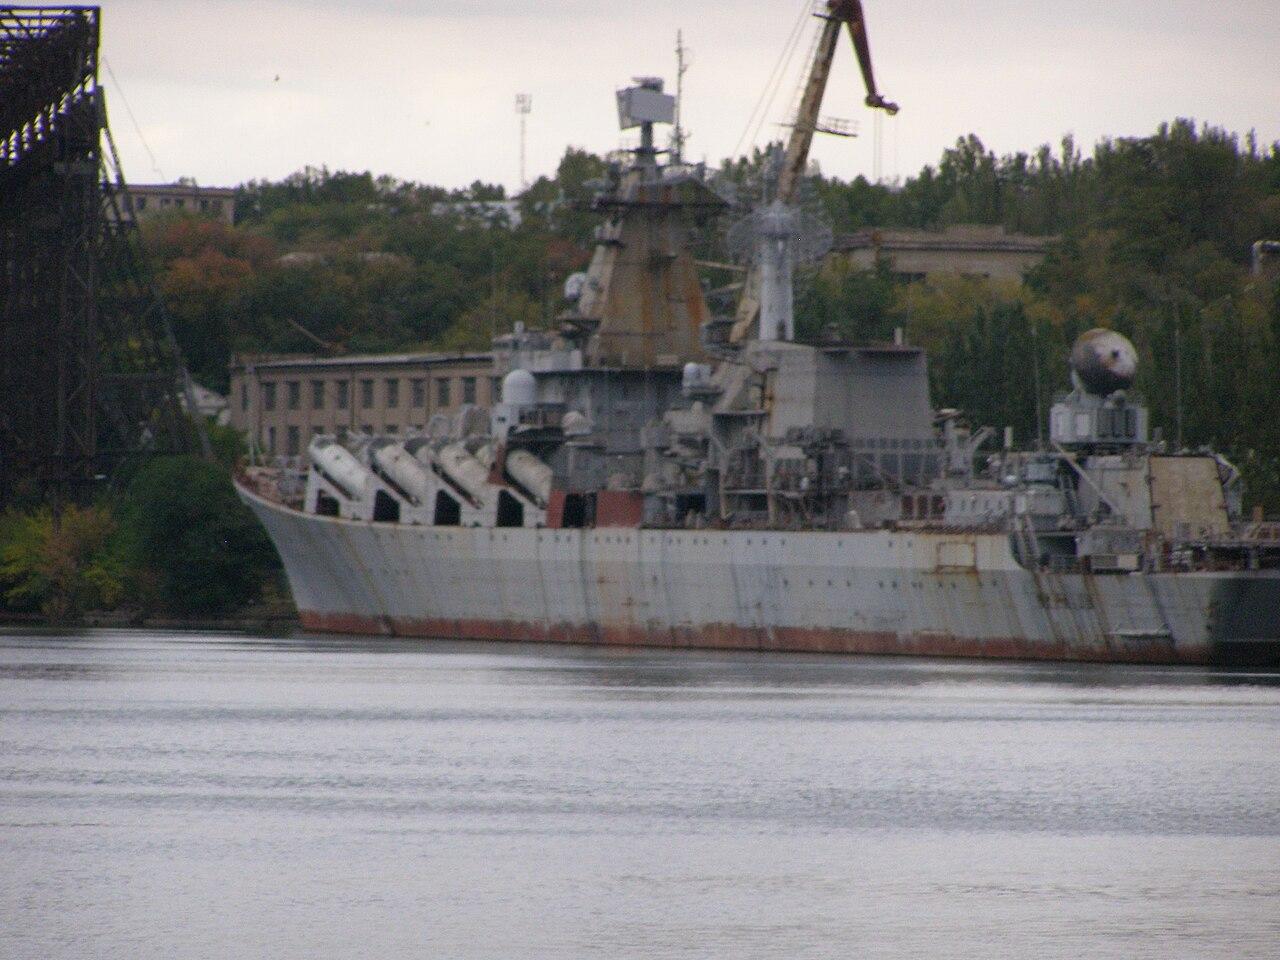 В Польше впервые за 21 год спустили на воду боевой корабль - Цензор.НЕТ 6716